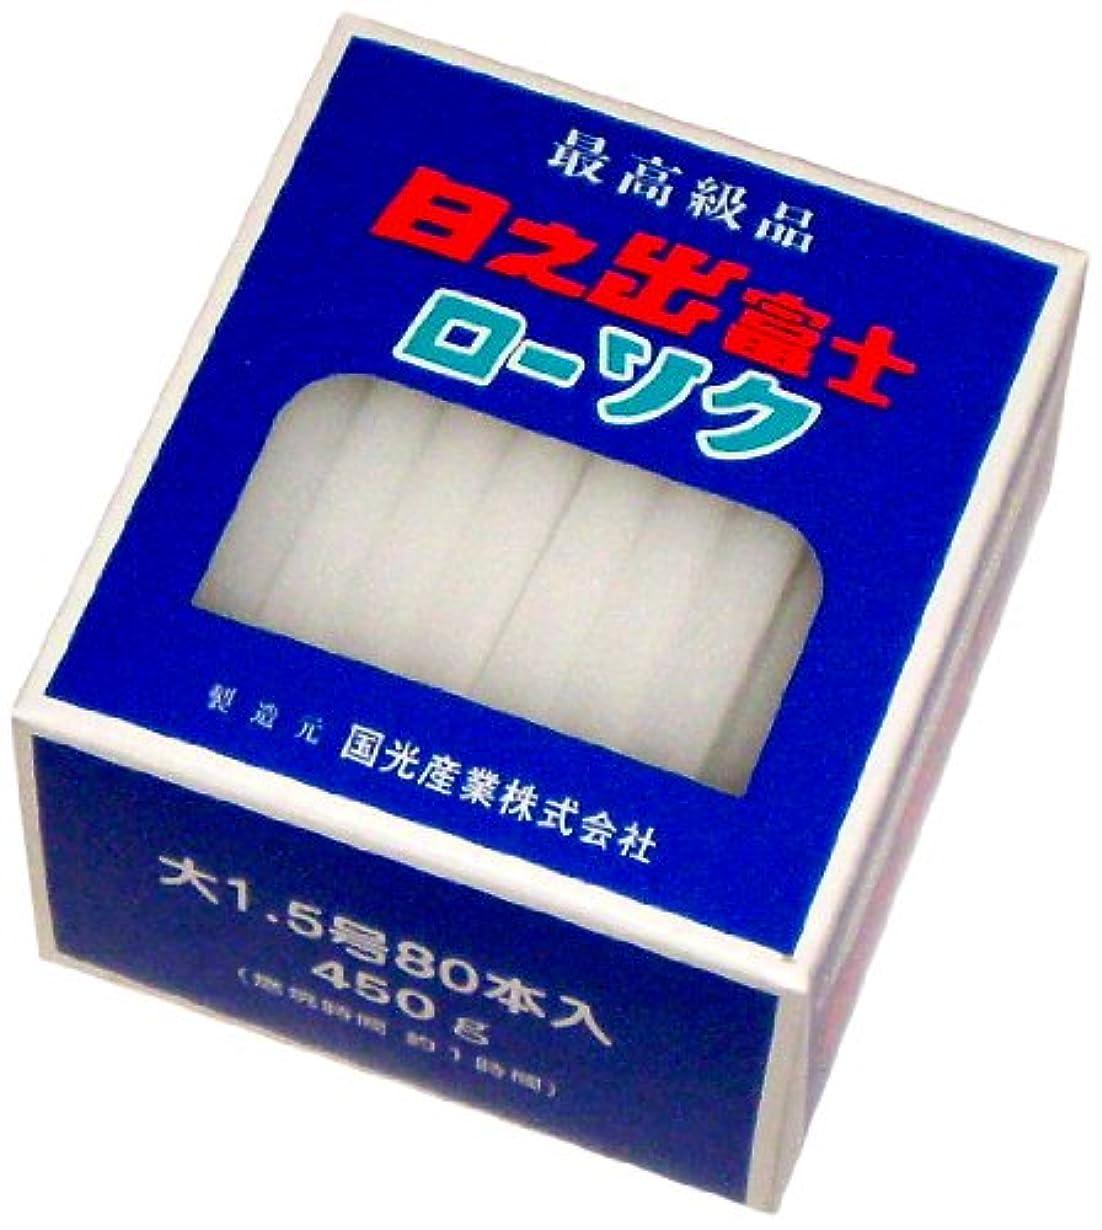 マスク事実上規制国光産業の日之出富士ローソク 1.5号80本入 450g